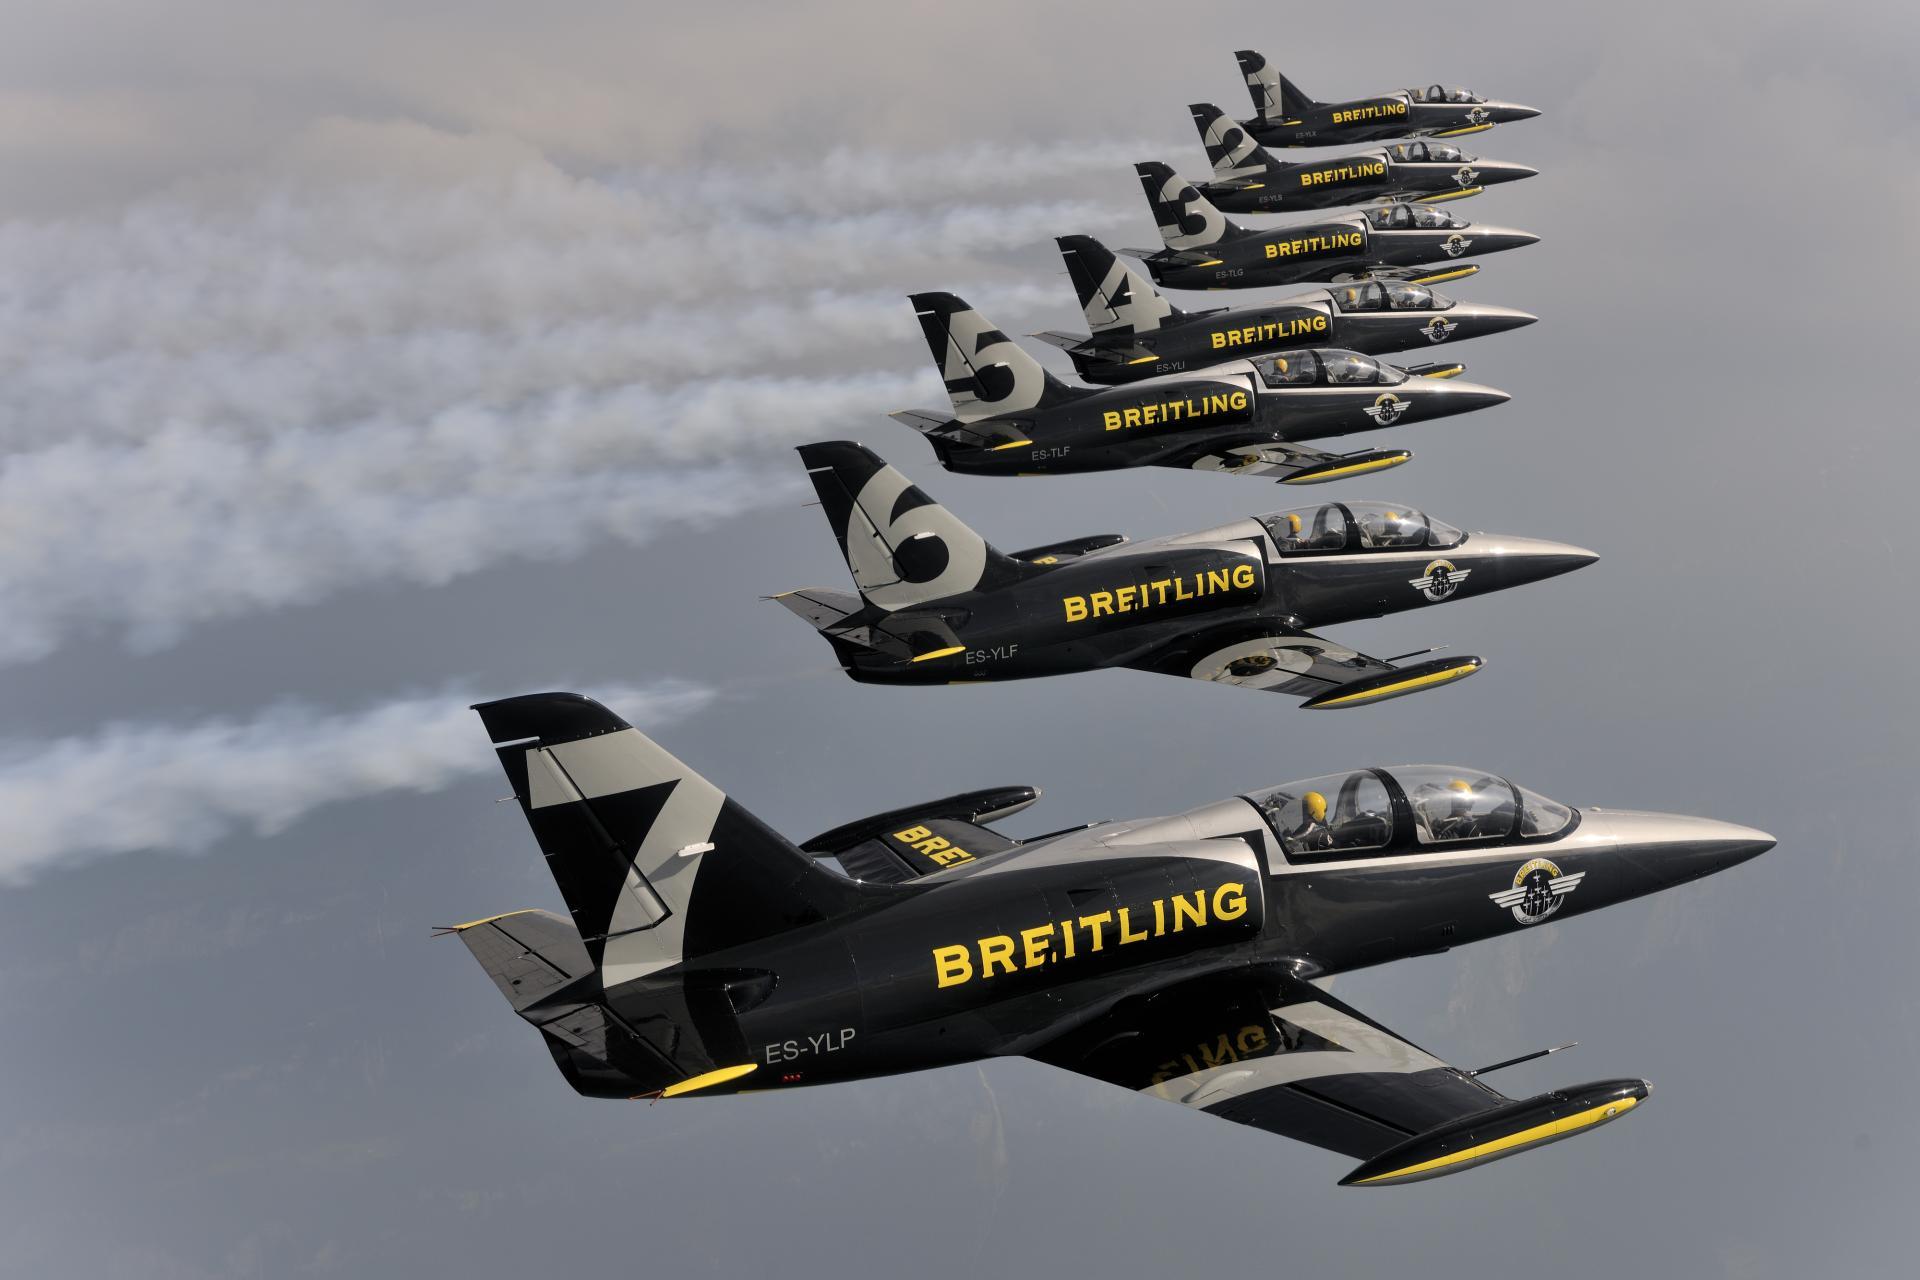 Breitling se desparte ca sponsor principal de Apache Aviation